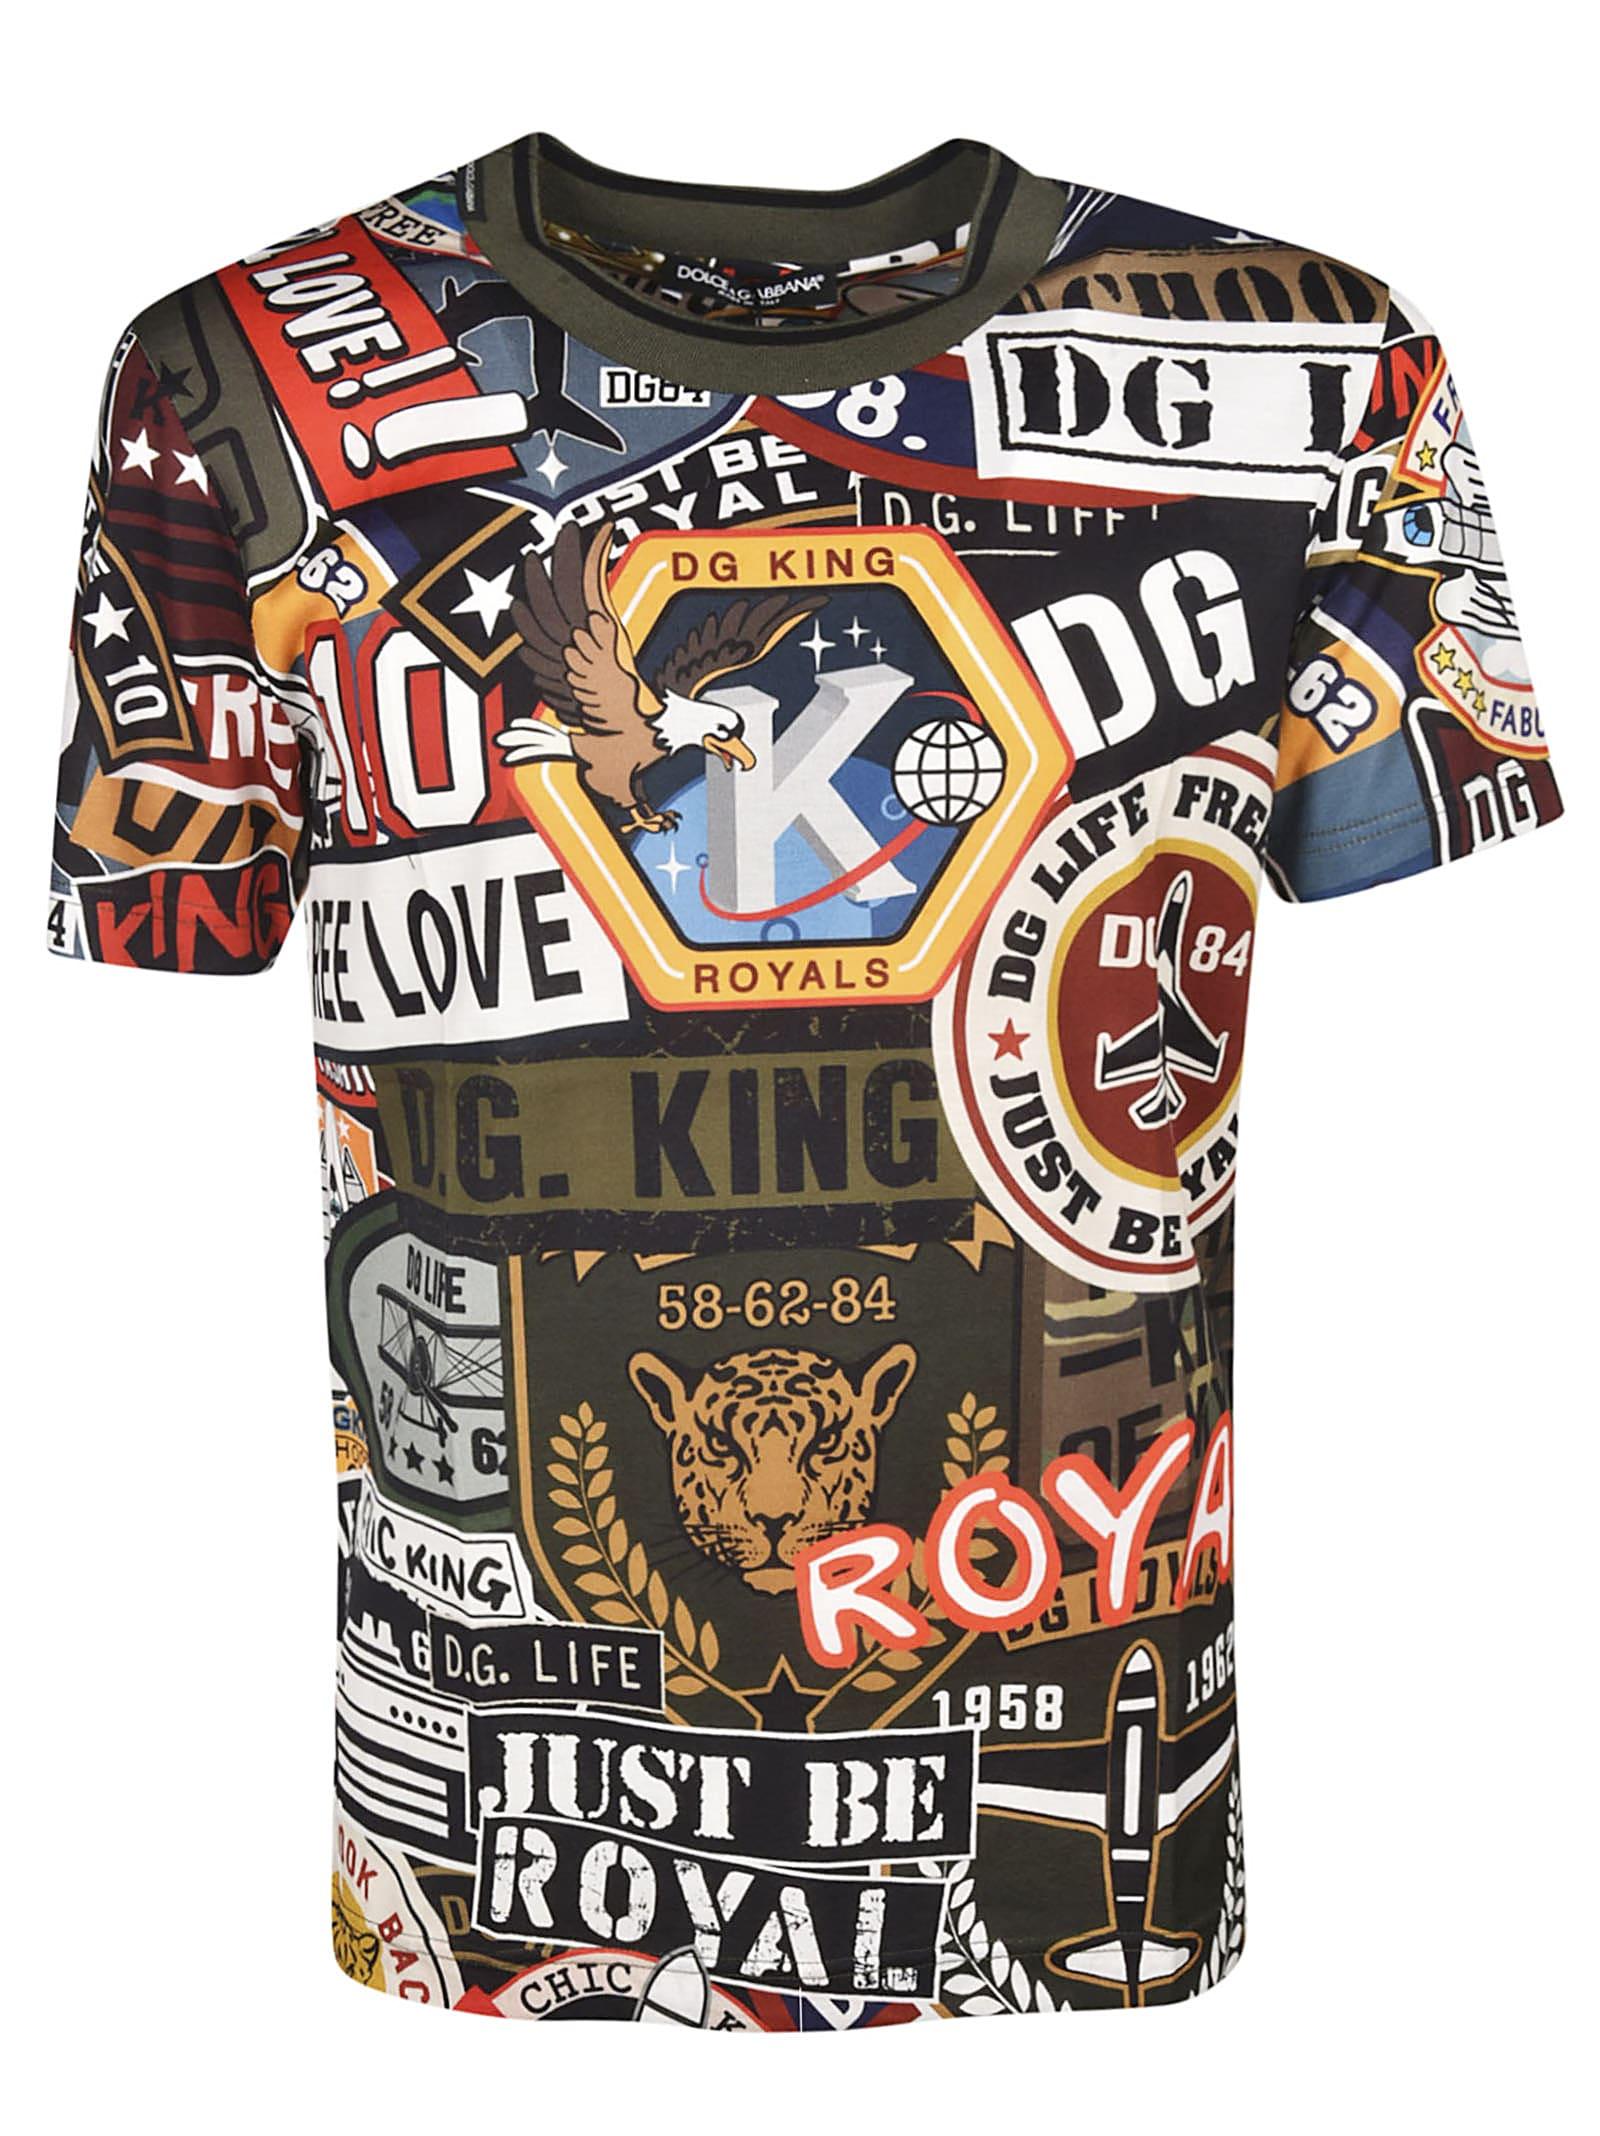 Dolce & Gabbana Militarys Dolce & Gabbana Military Print T-shirt